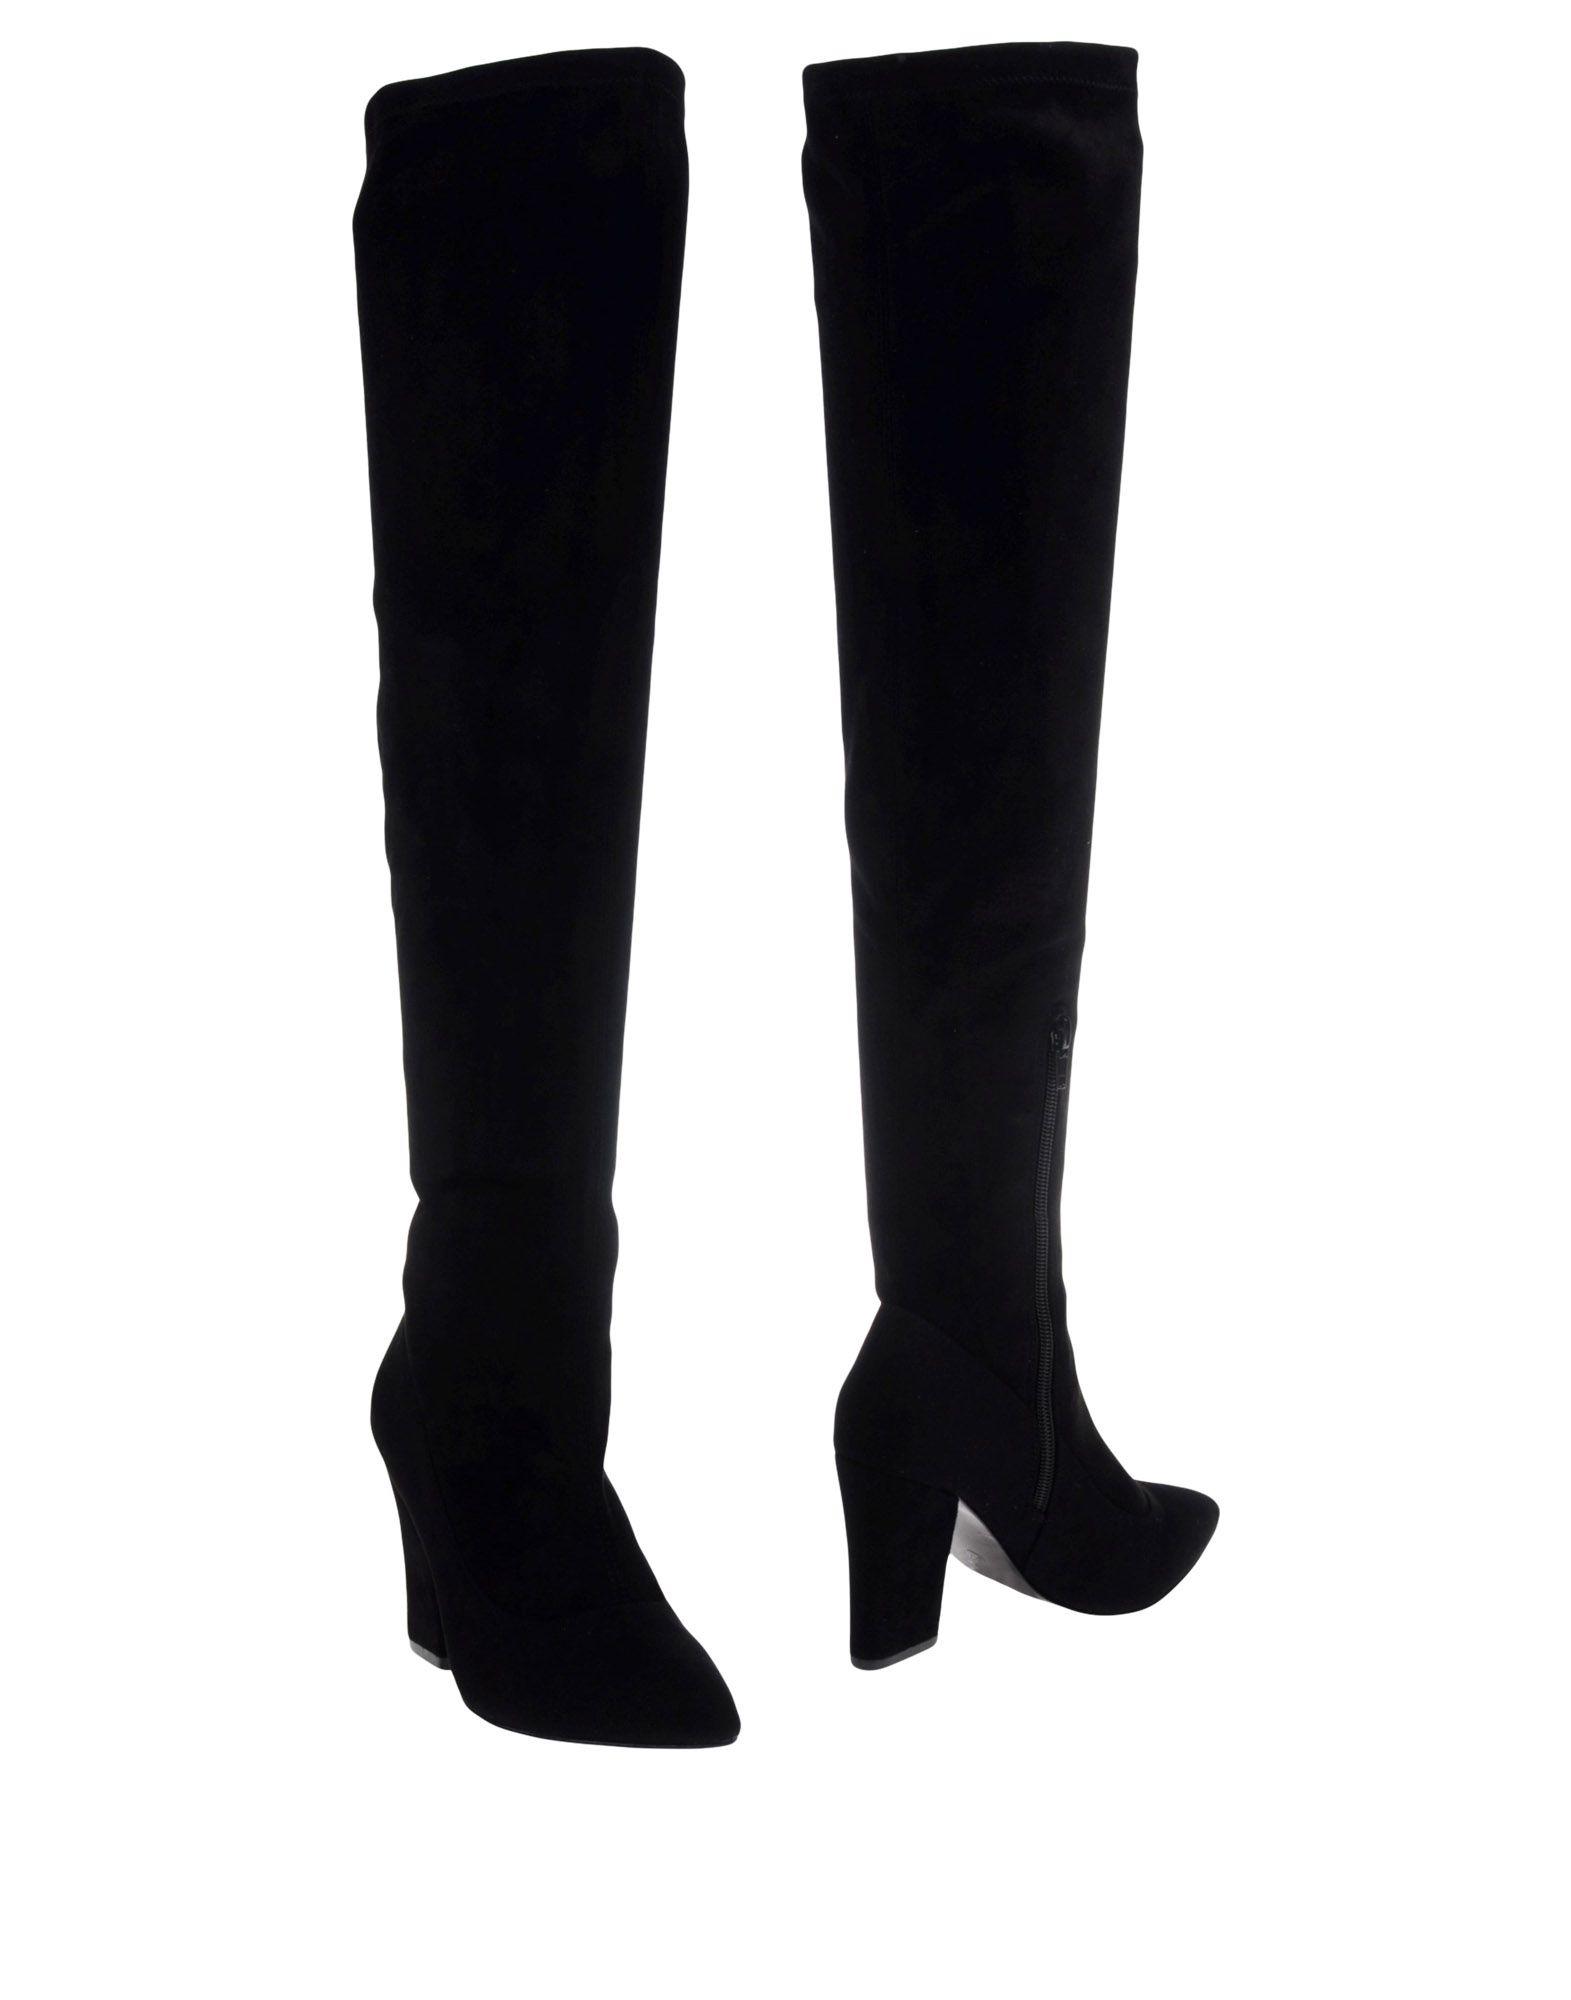 Bibi Lou Stiefel Damen  11271853TC Gute Qualität beliebte Schuhe